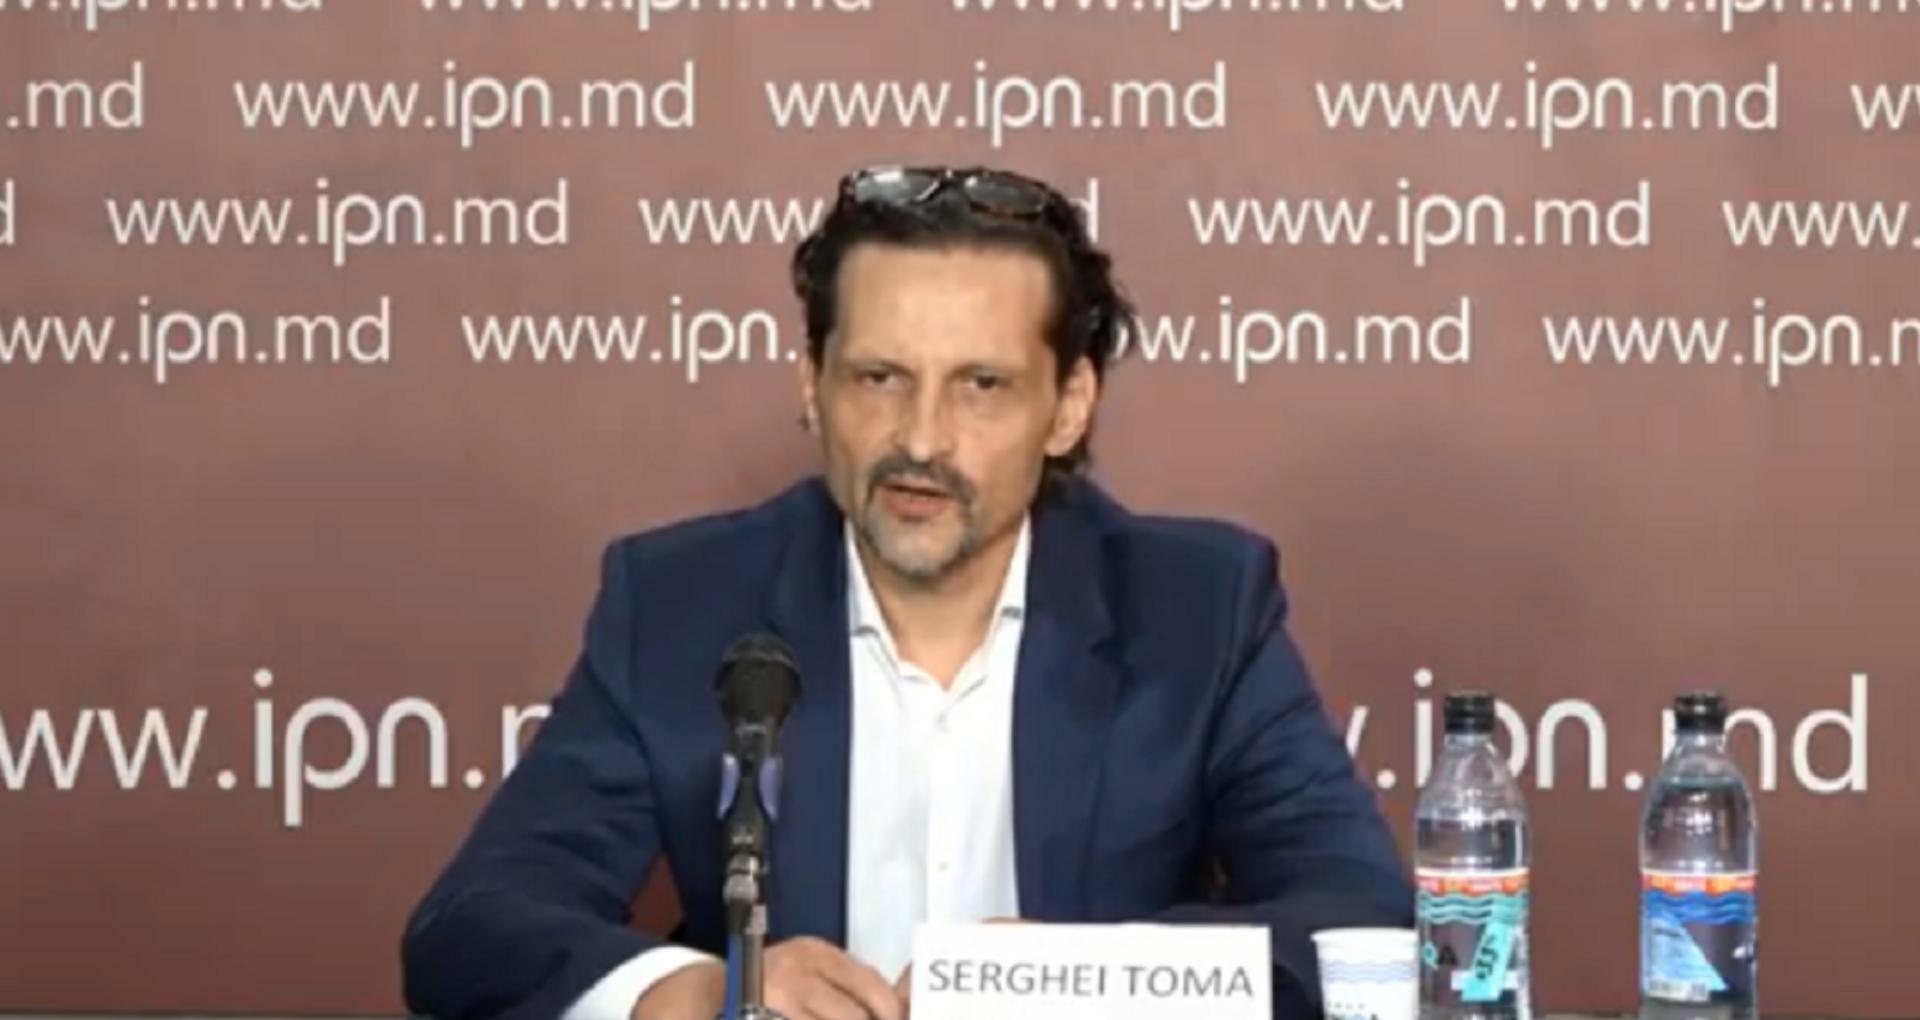 Prezidențiale/ Serghei Toma, al patrulea pretendent care renunță la cursa electorală. Am putea avea opt candidați